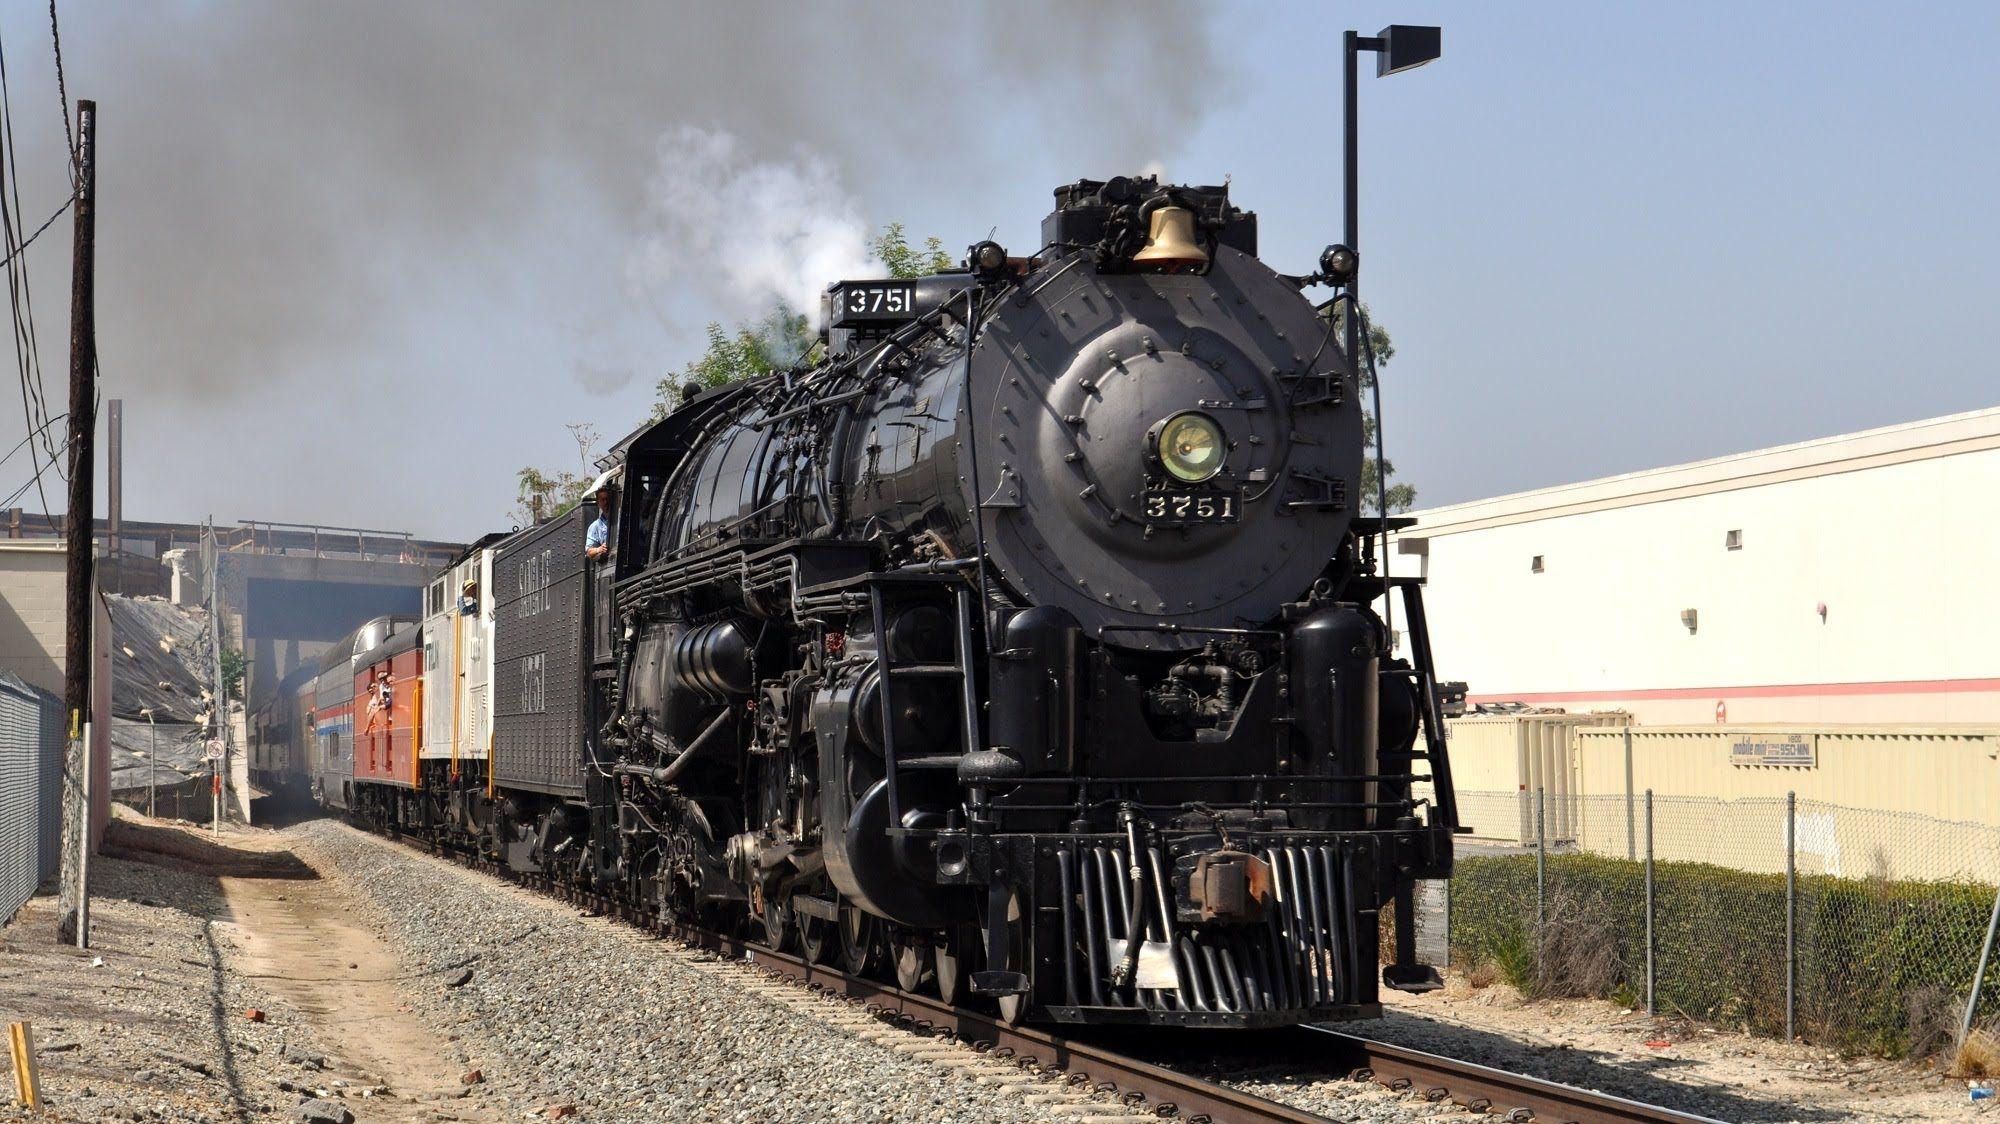 steam train videos - HD2000×1124